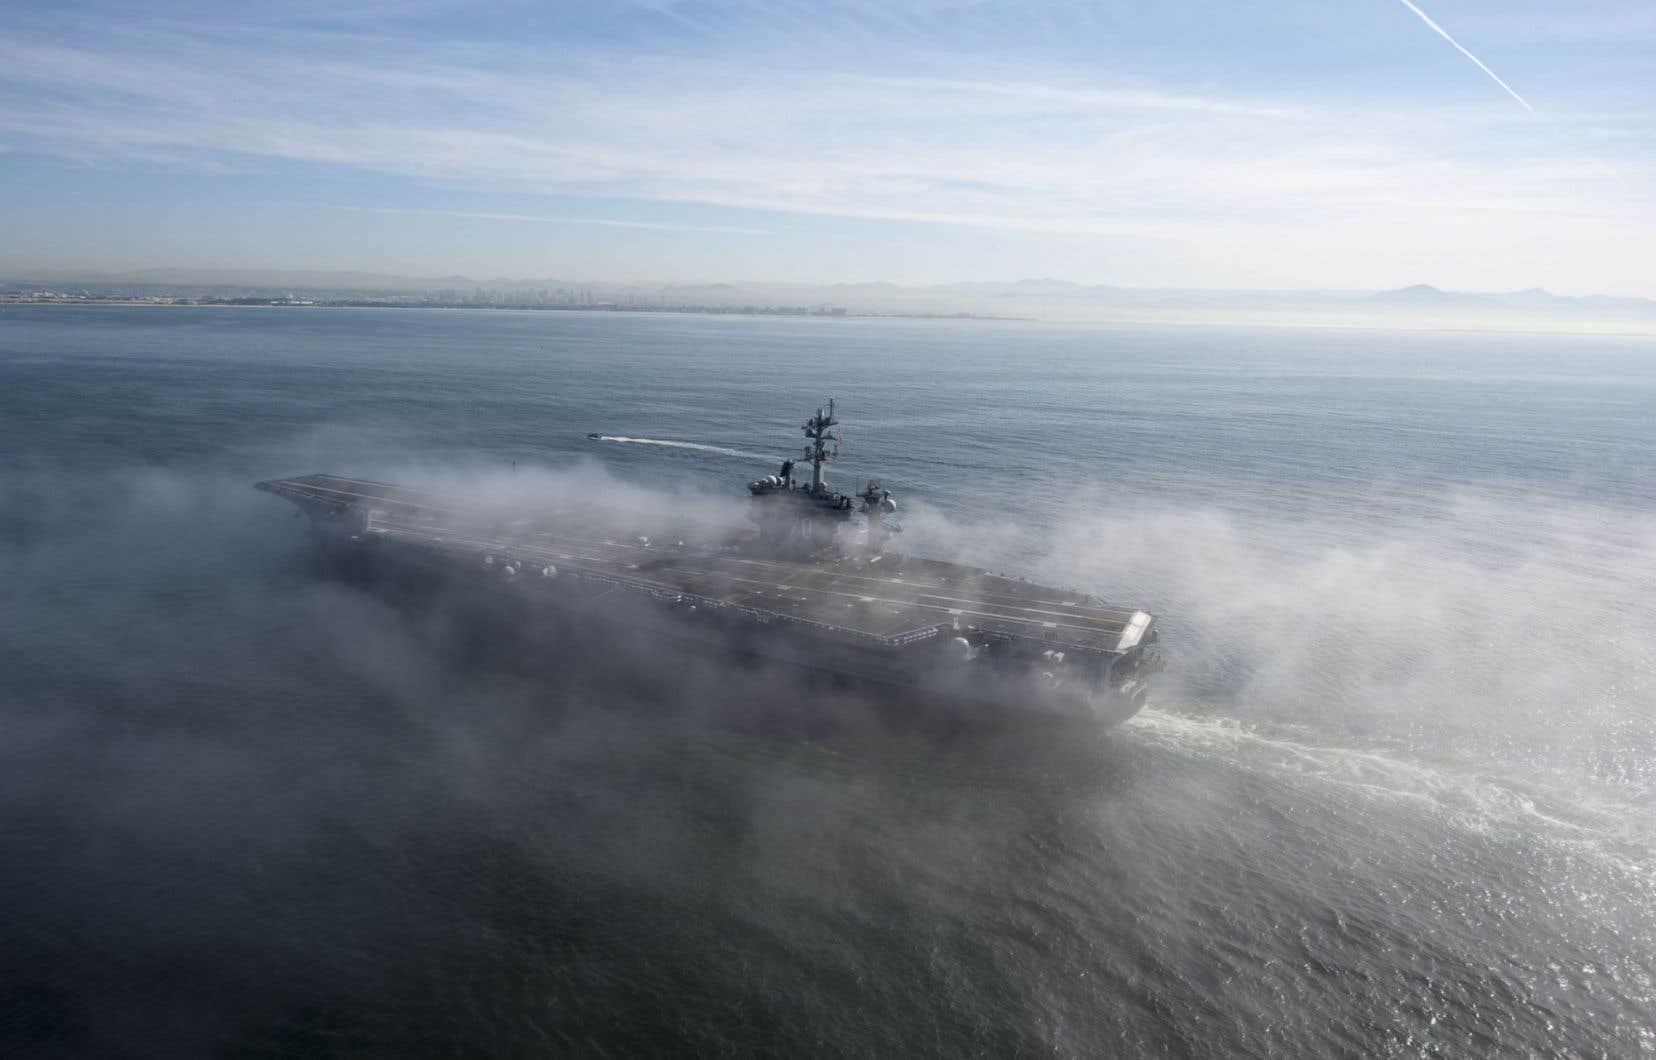 Le porte-avions «Carl Vinson» au large de la Californie, en 2014. Il serait présentement près de l'île de Java, en Indonésie.